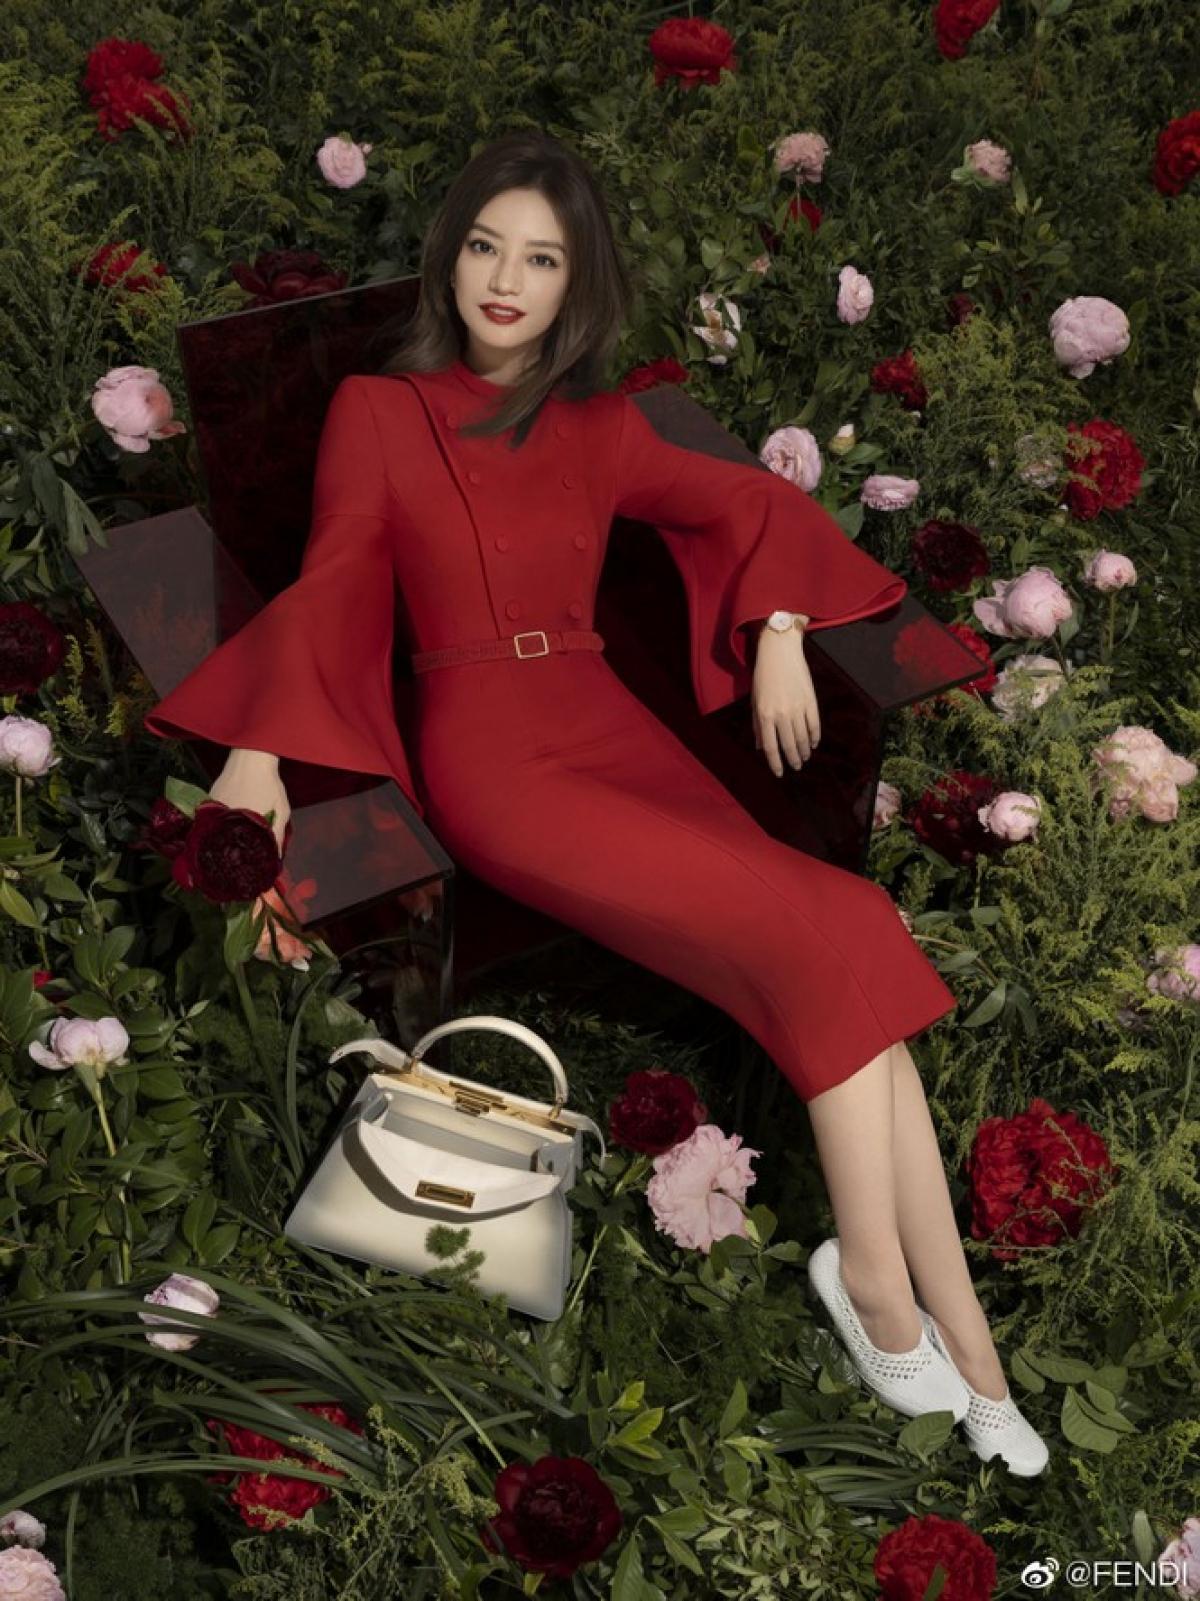 Triệu Vy vừa chính thức trở thànhgương mặt mới cho BST Xuân - Hè 2021 của thương hiệu thời trang Fendi.